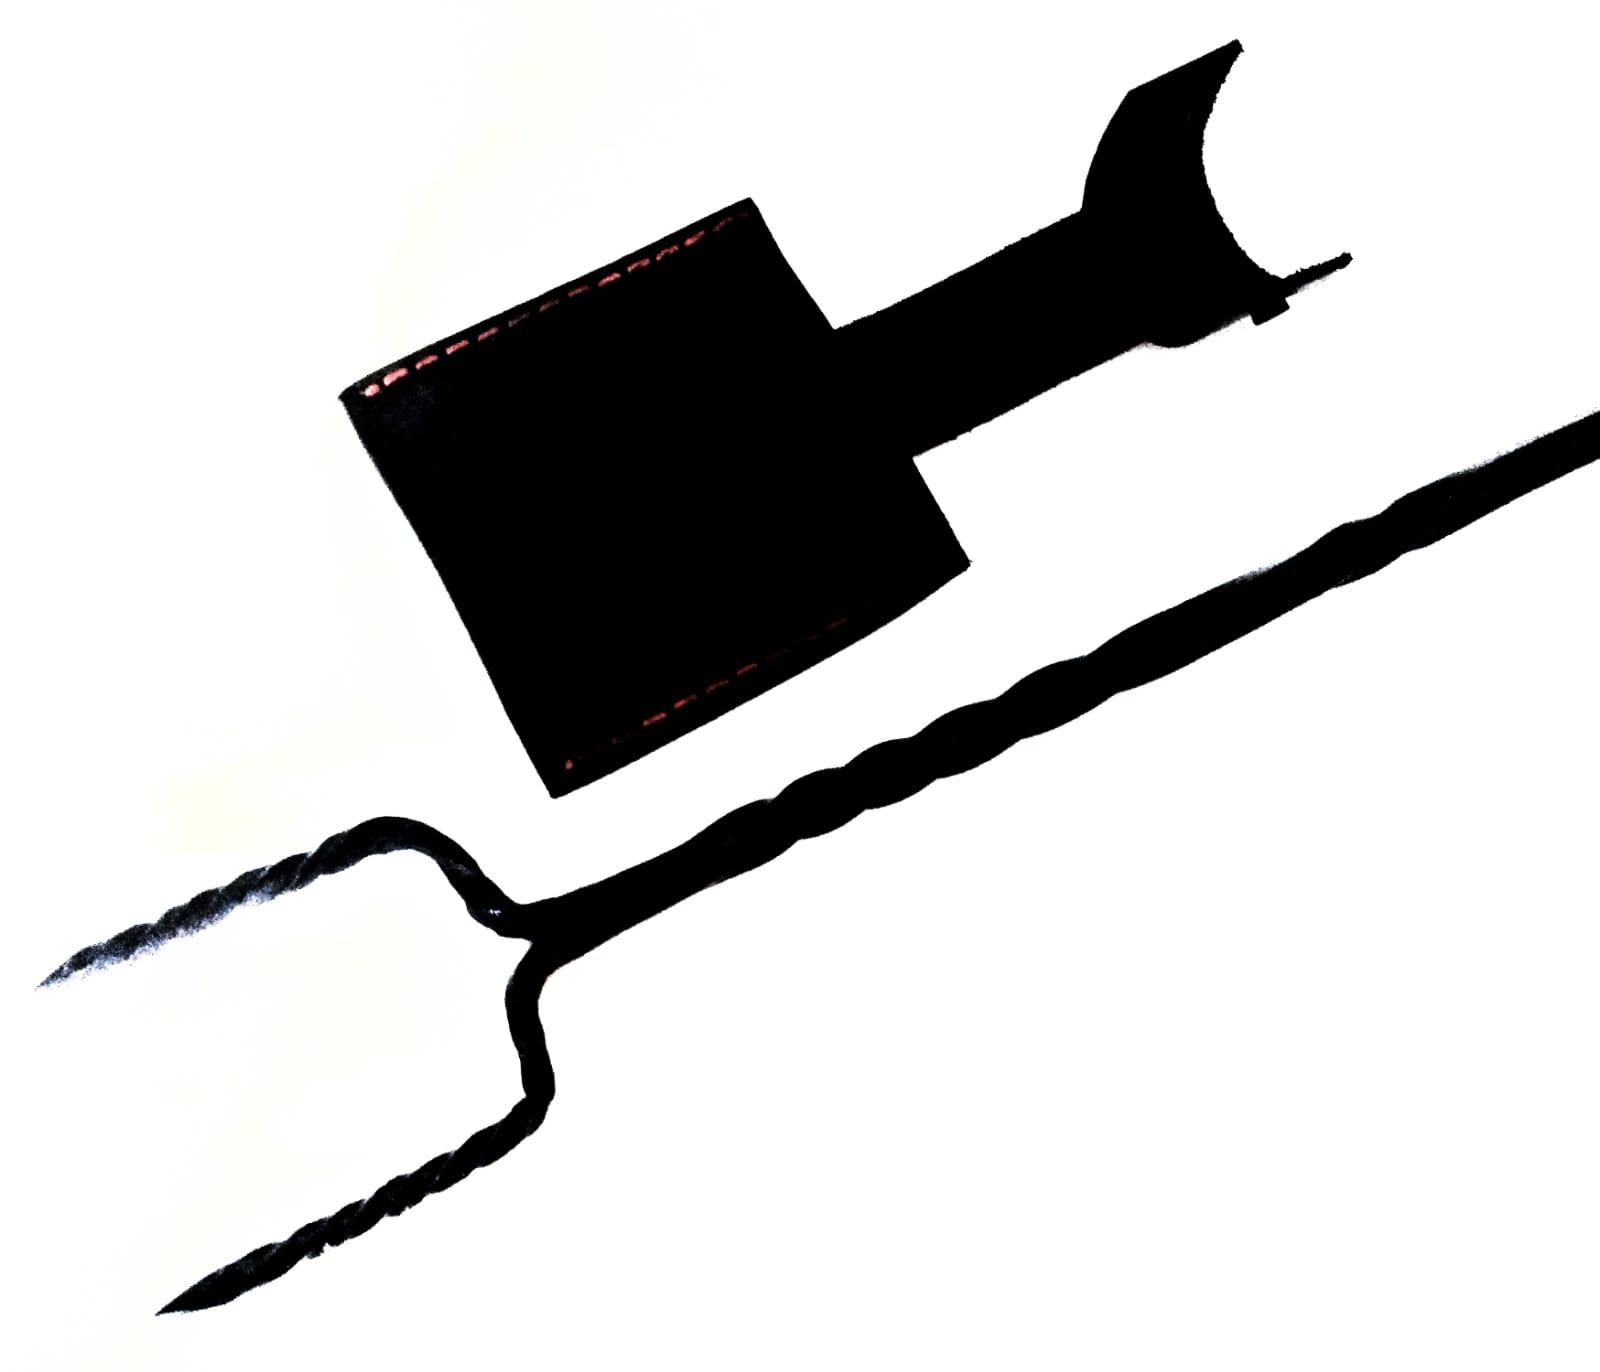 Garfo bruto forjado em aço artesanal  26 polegadas